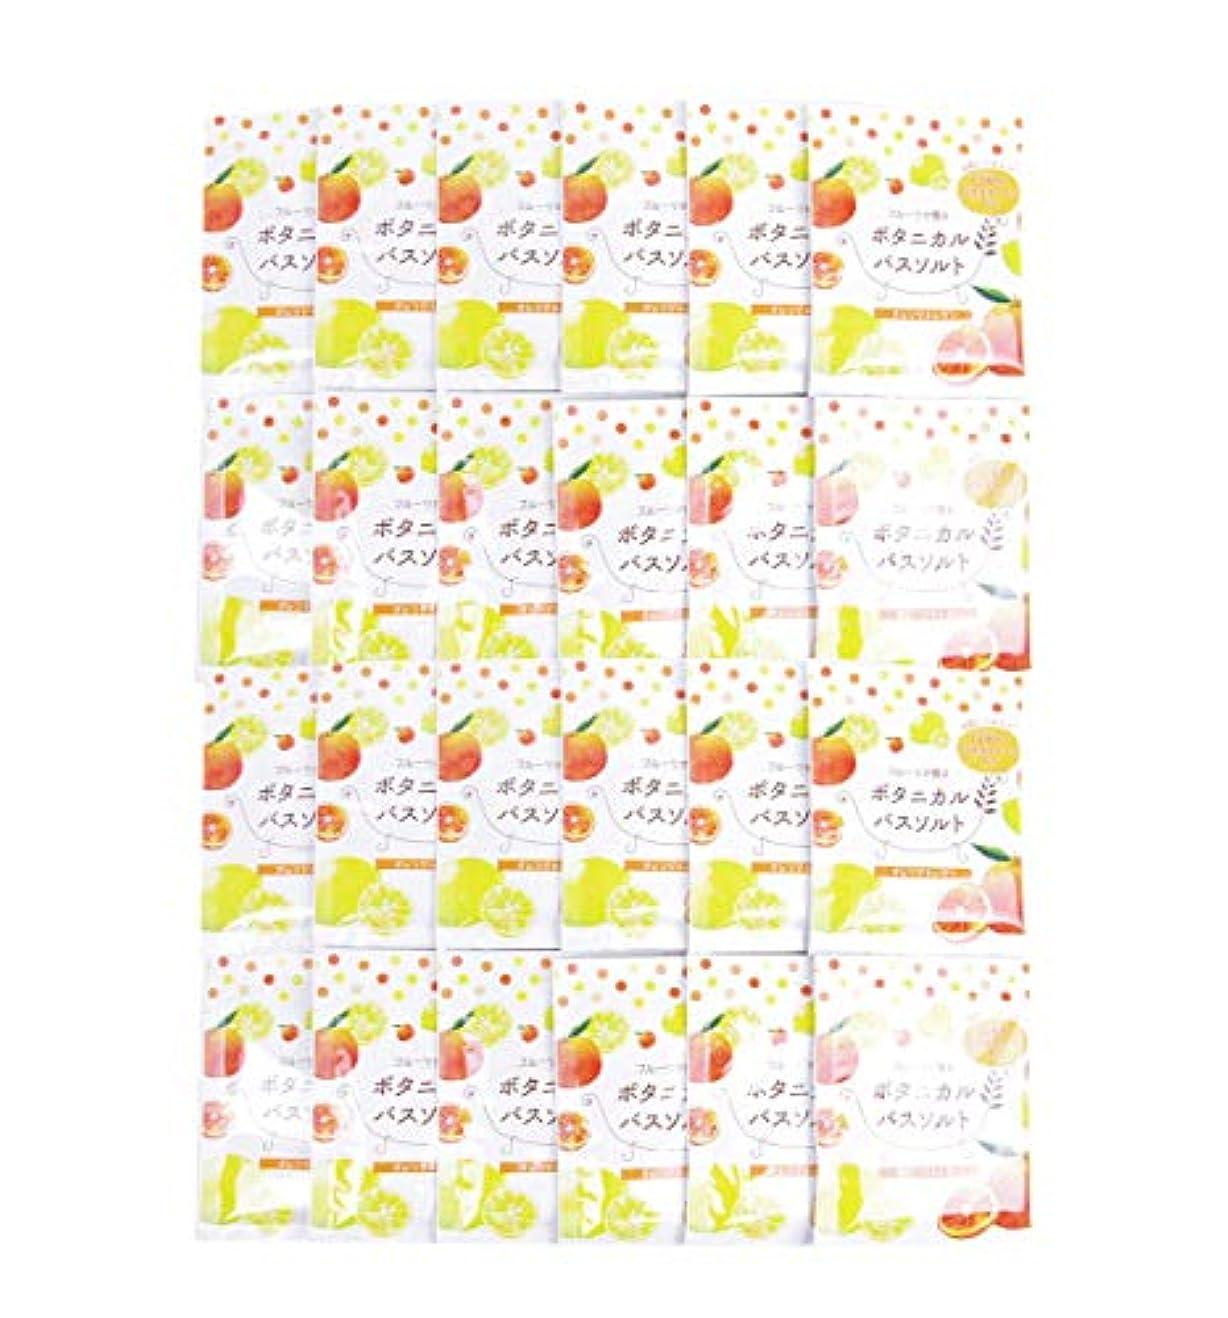 責のスコア登場松田医薬品 フルーツが香るボタニカルバスソルト オレンジ&レモン 30g 24個セット